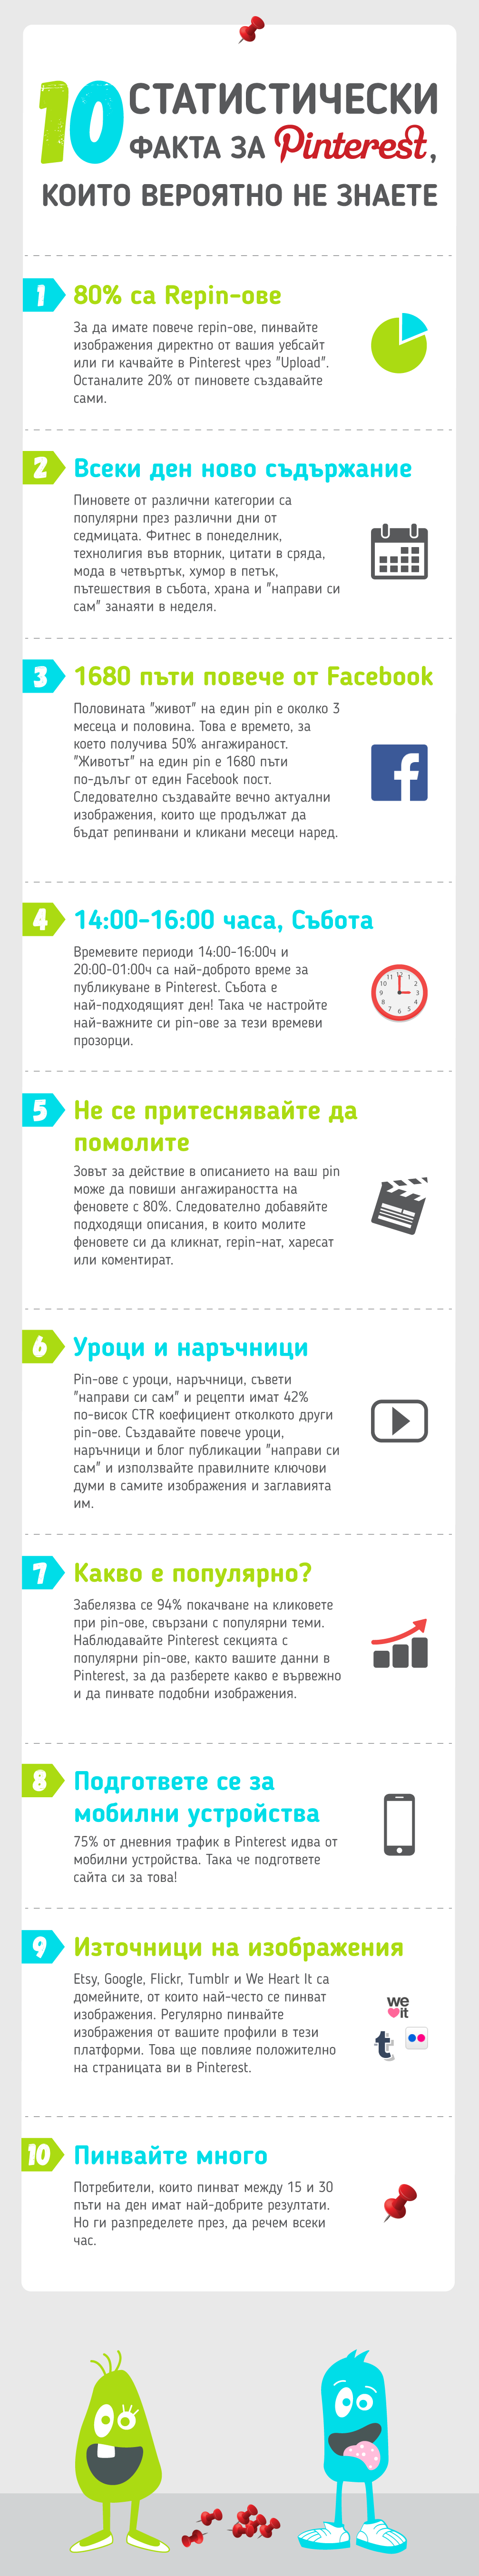 Infographic-Pinterest-fakti-statistika